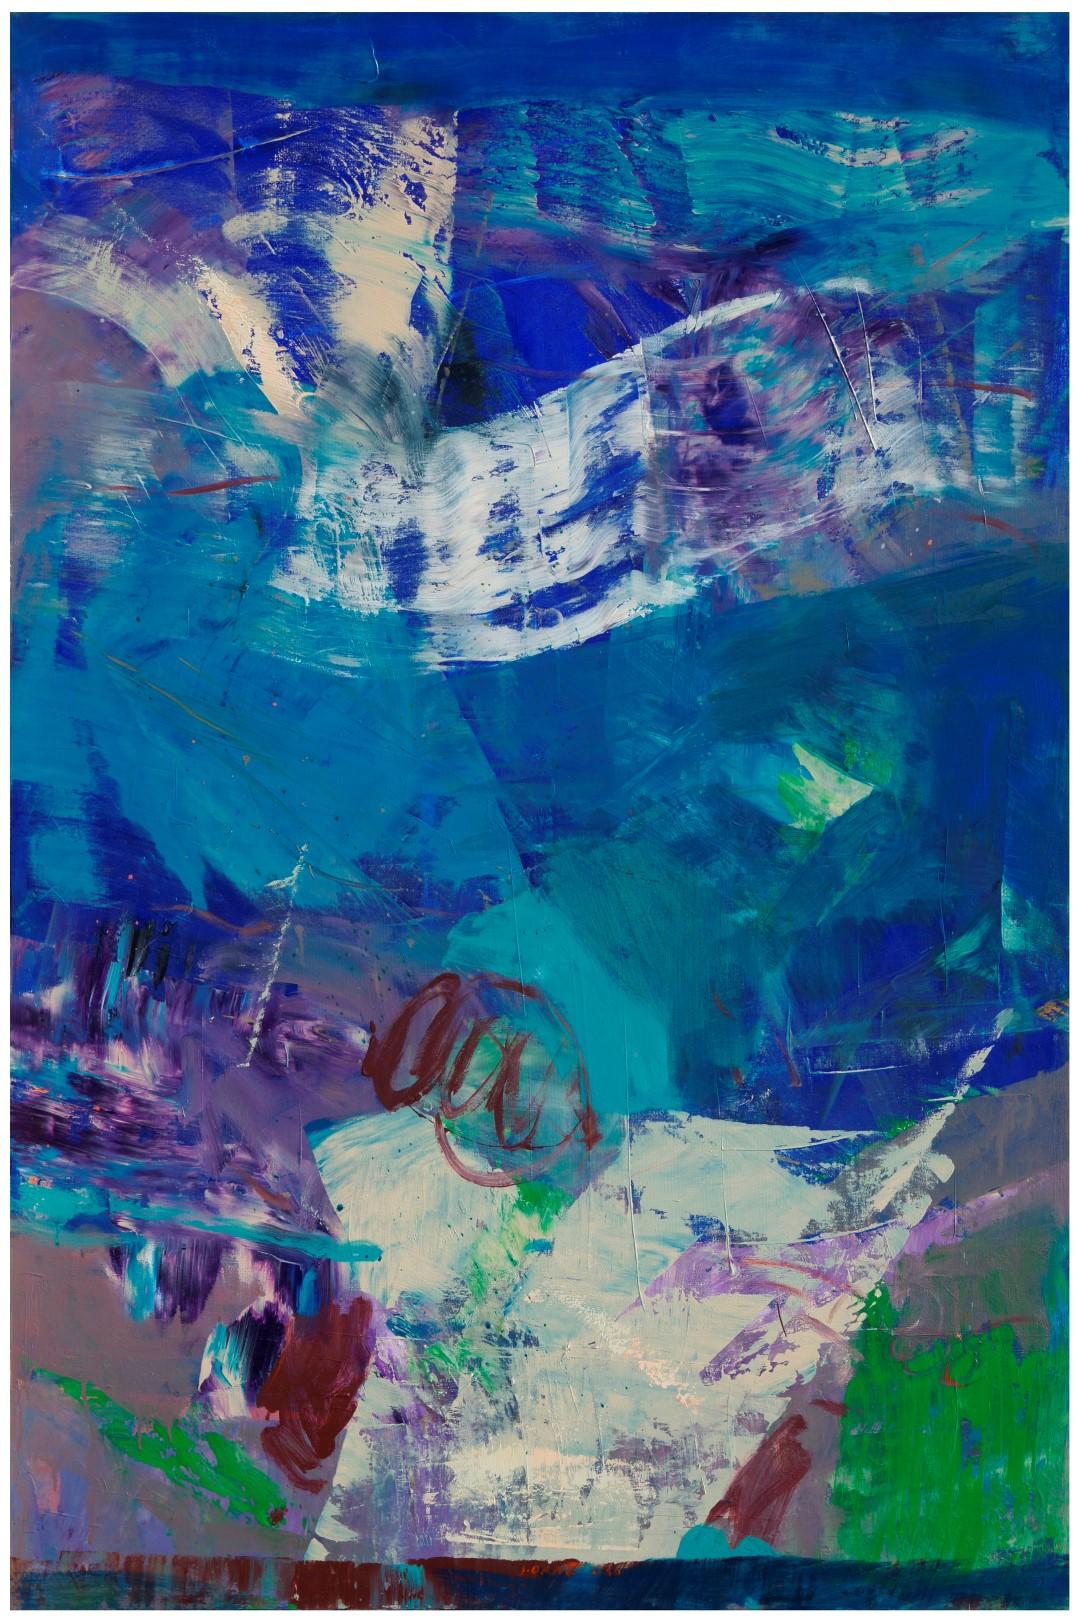 iz cikla CVETOČI VRTOVI III., 2010, akril pl., 150 x 100 cm